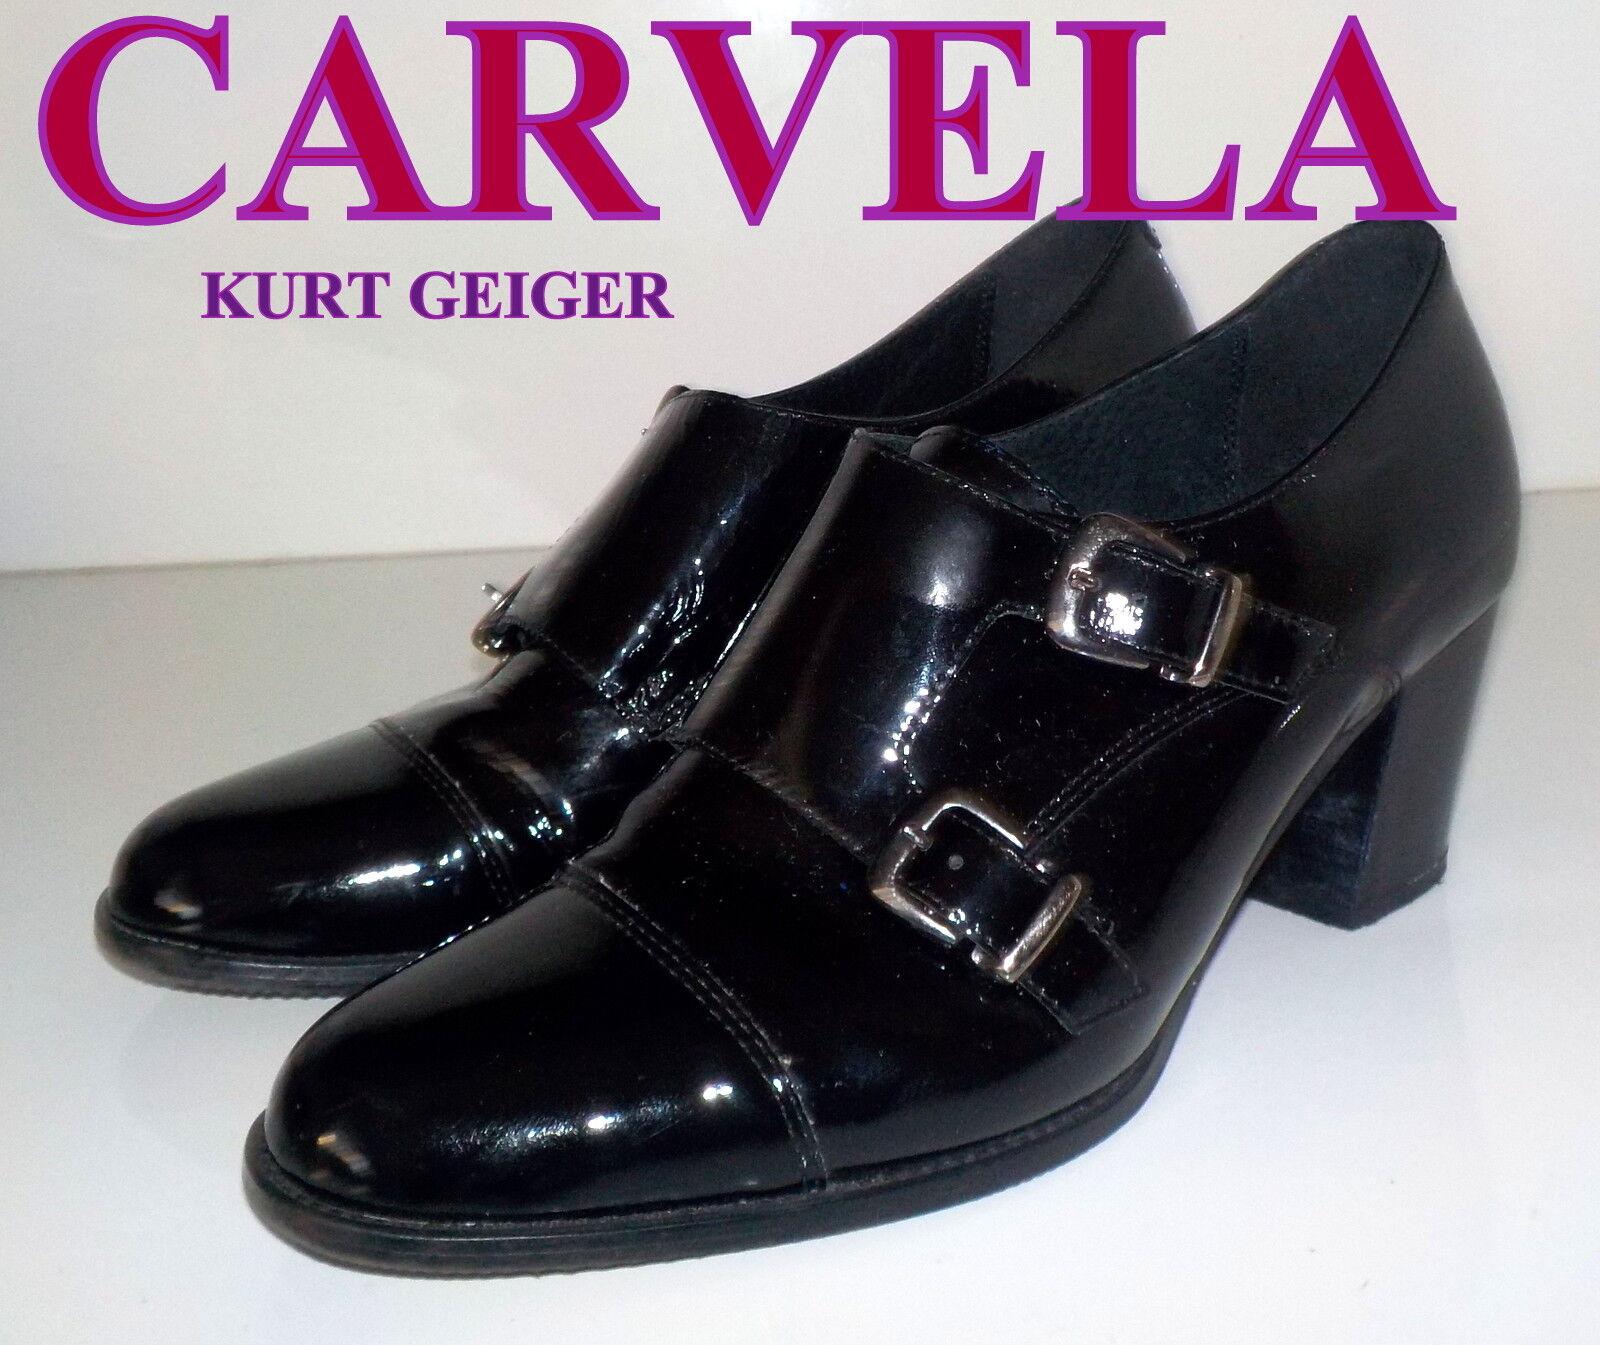 Stunning  CARVELA  Black PATENT  LEATHER  shoes UK 7  EU  40